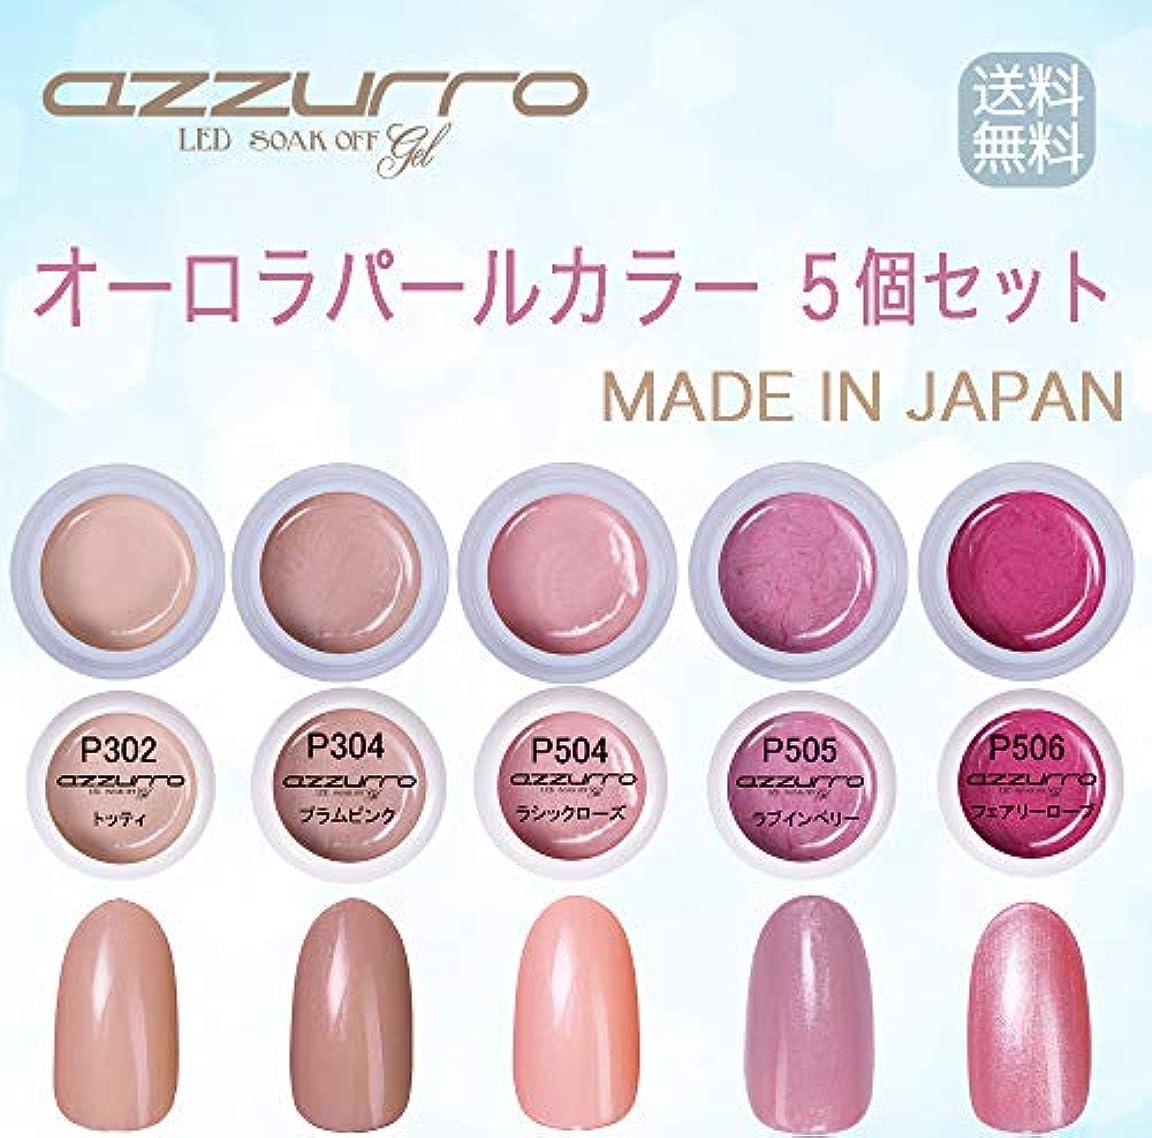 冗談で合成慣れる【送料無料】日本製 azzurro gel オーロラパール ジェル5個セット 上品な輝きのパールカラー